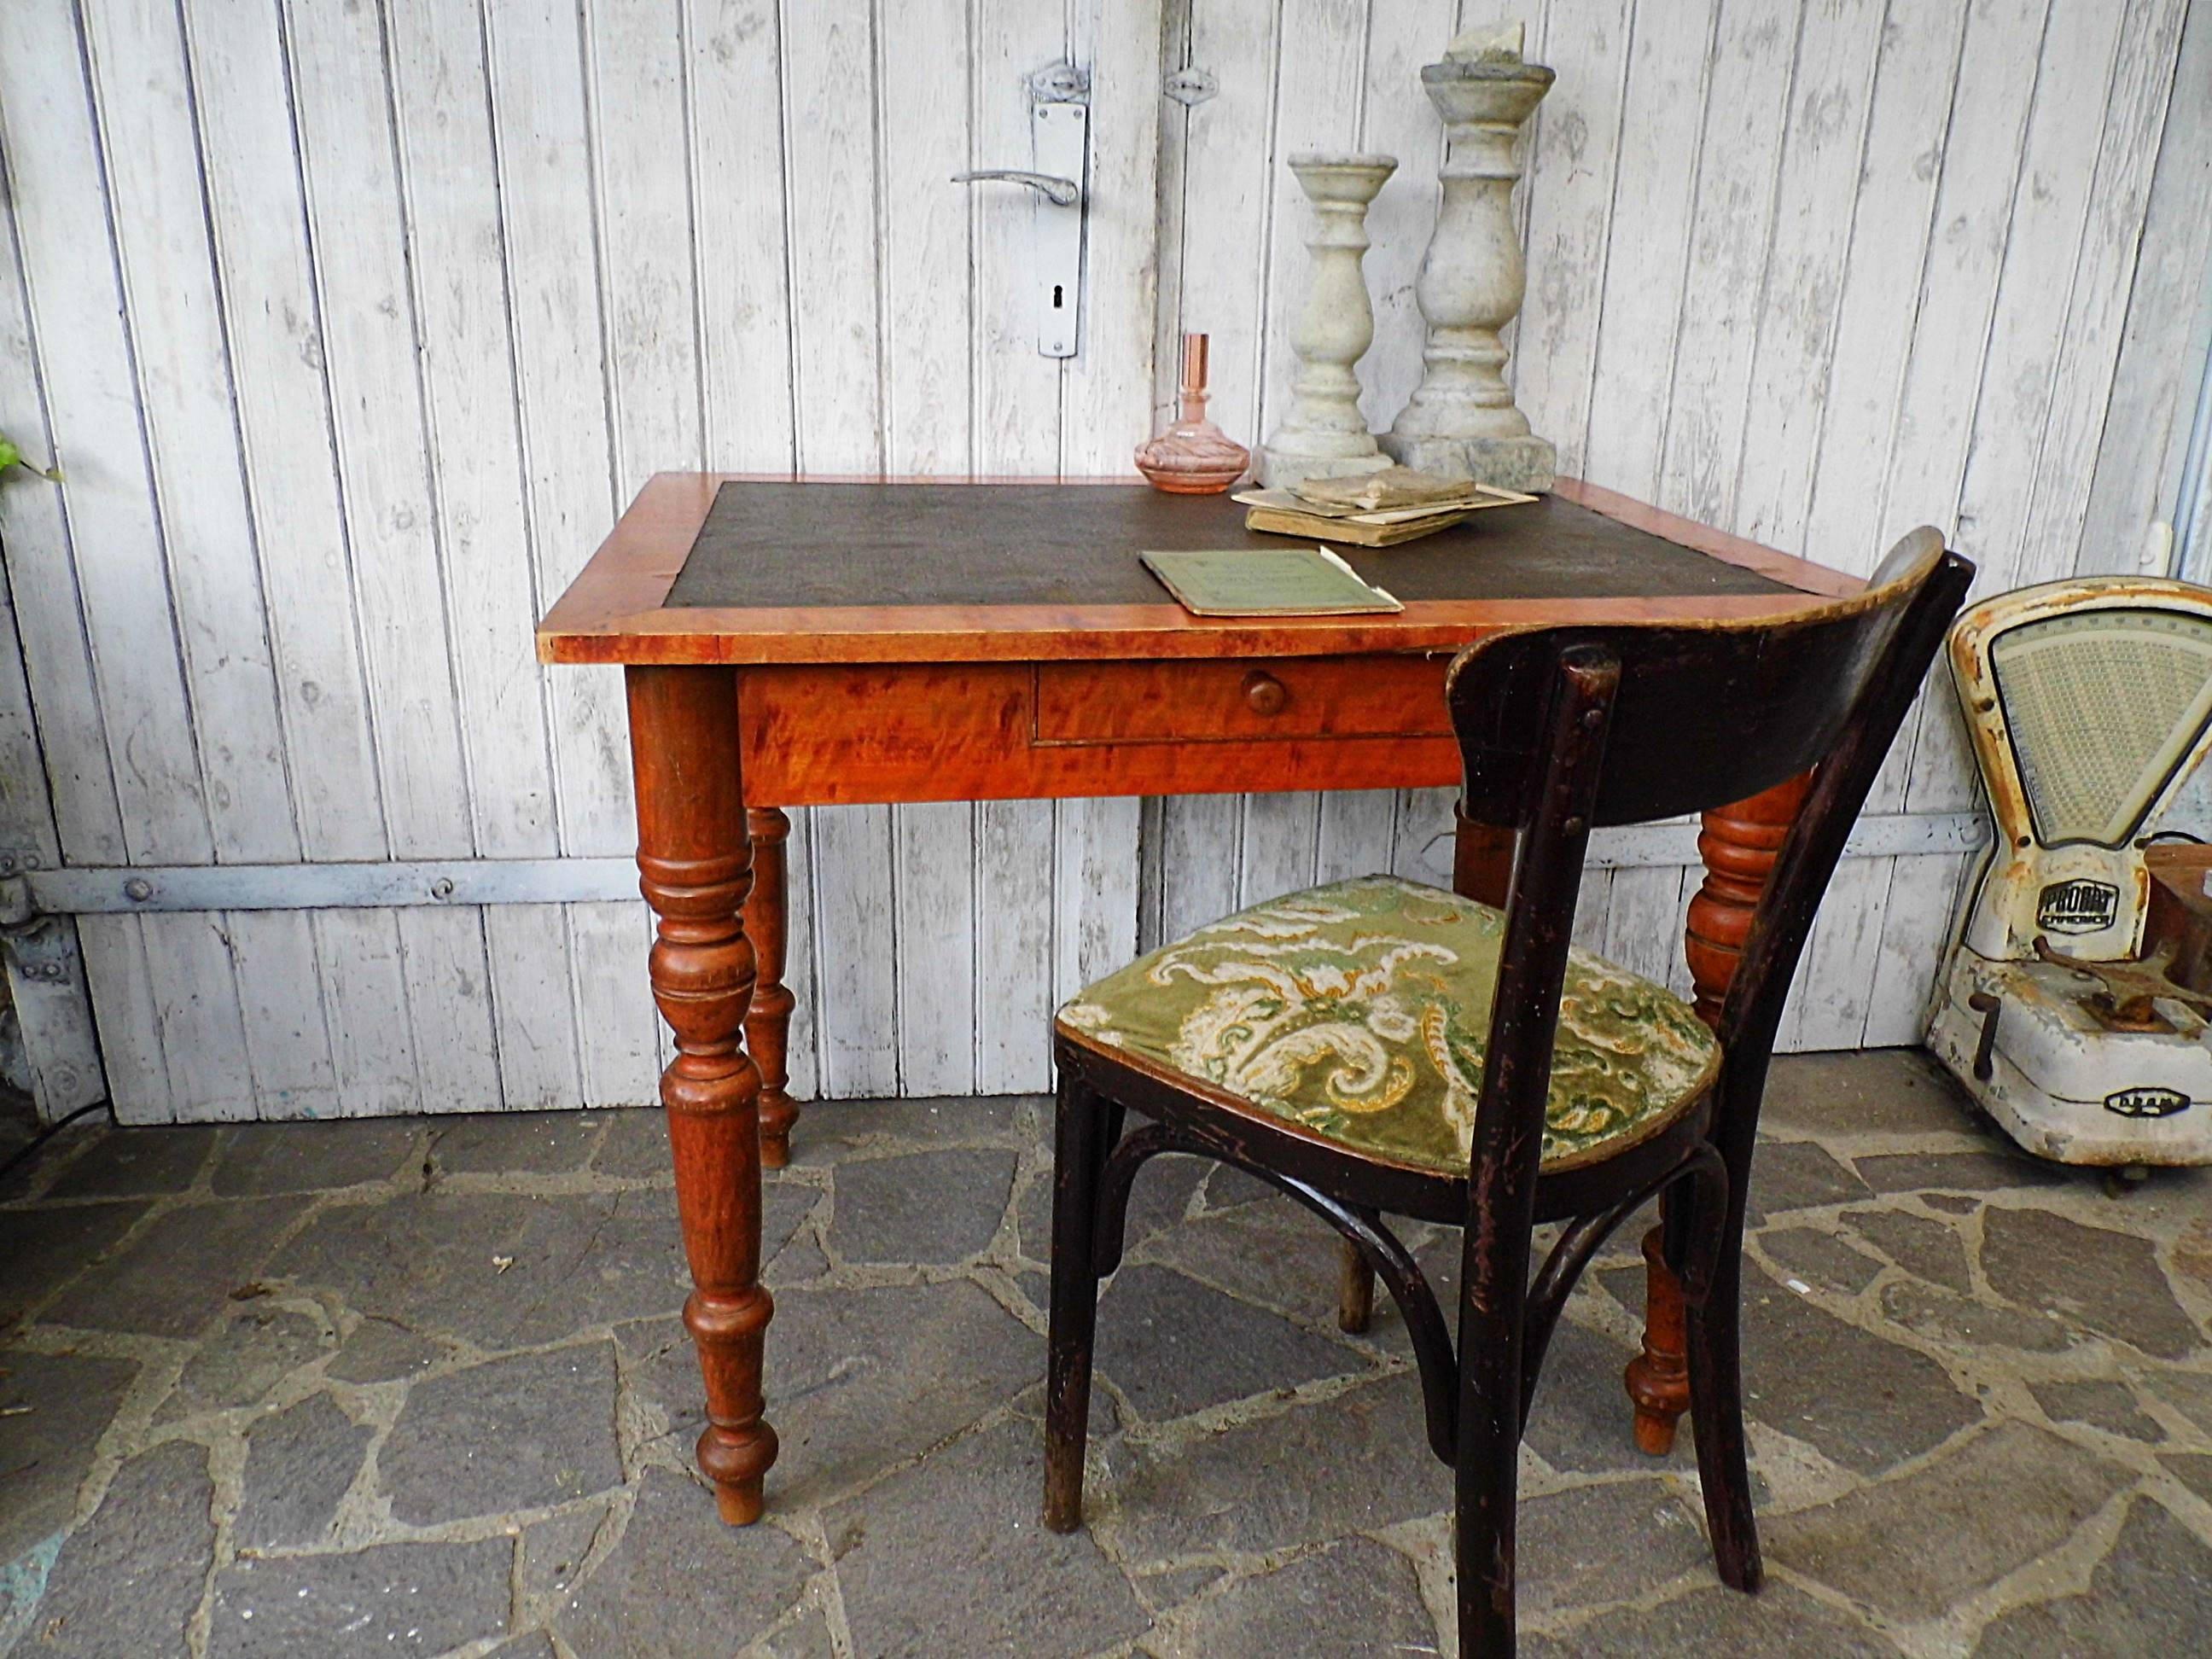 alter kleiner Tisch / Eßtisch / Küchentisch / Schreibtisch um | Etsy